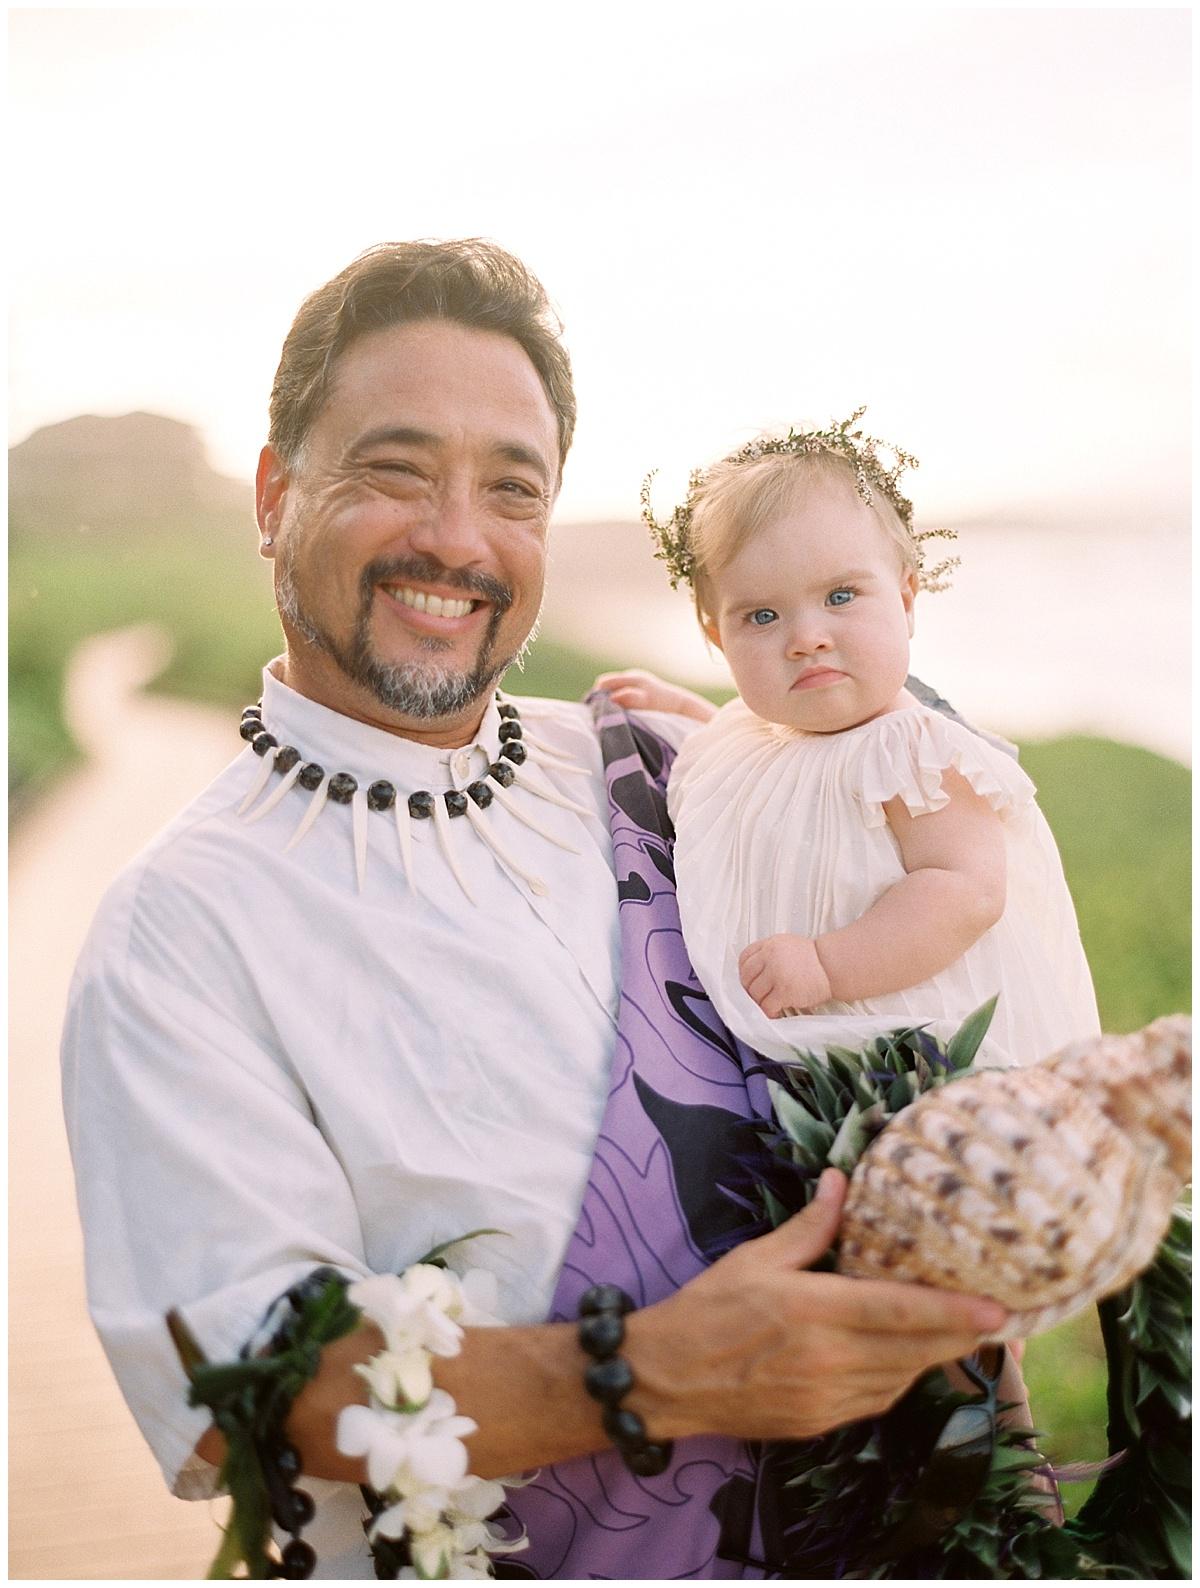 beach-elopement-hawaii-officiant-holding-baby.jpg